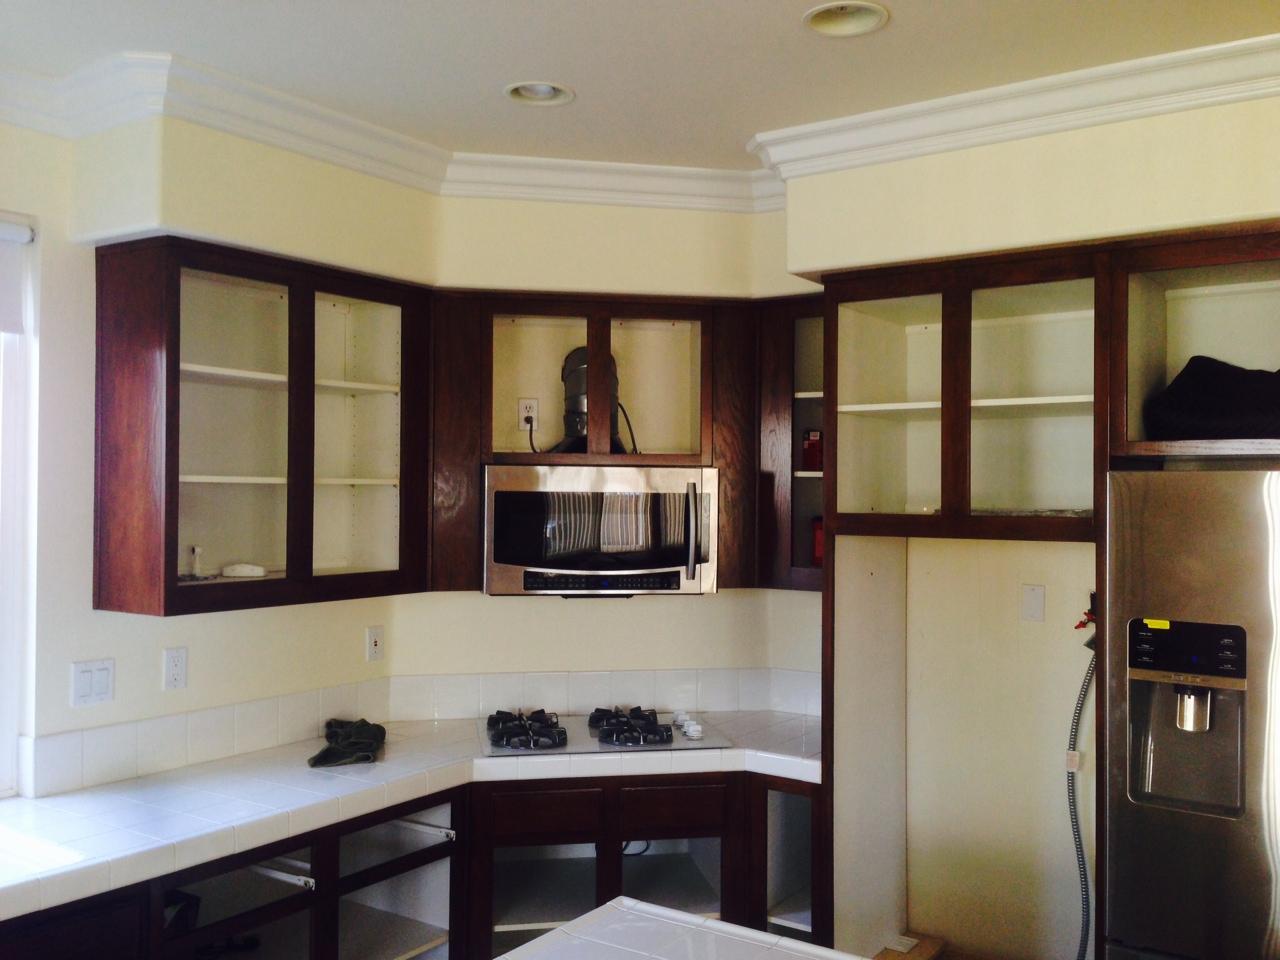 kitchen cabinet refinishing kitchen cabinet refinishing Kitchen Cabinet Refinishing